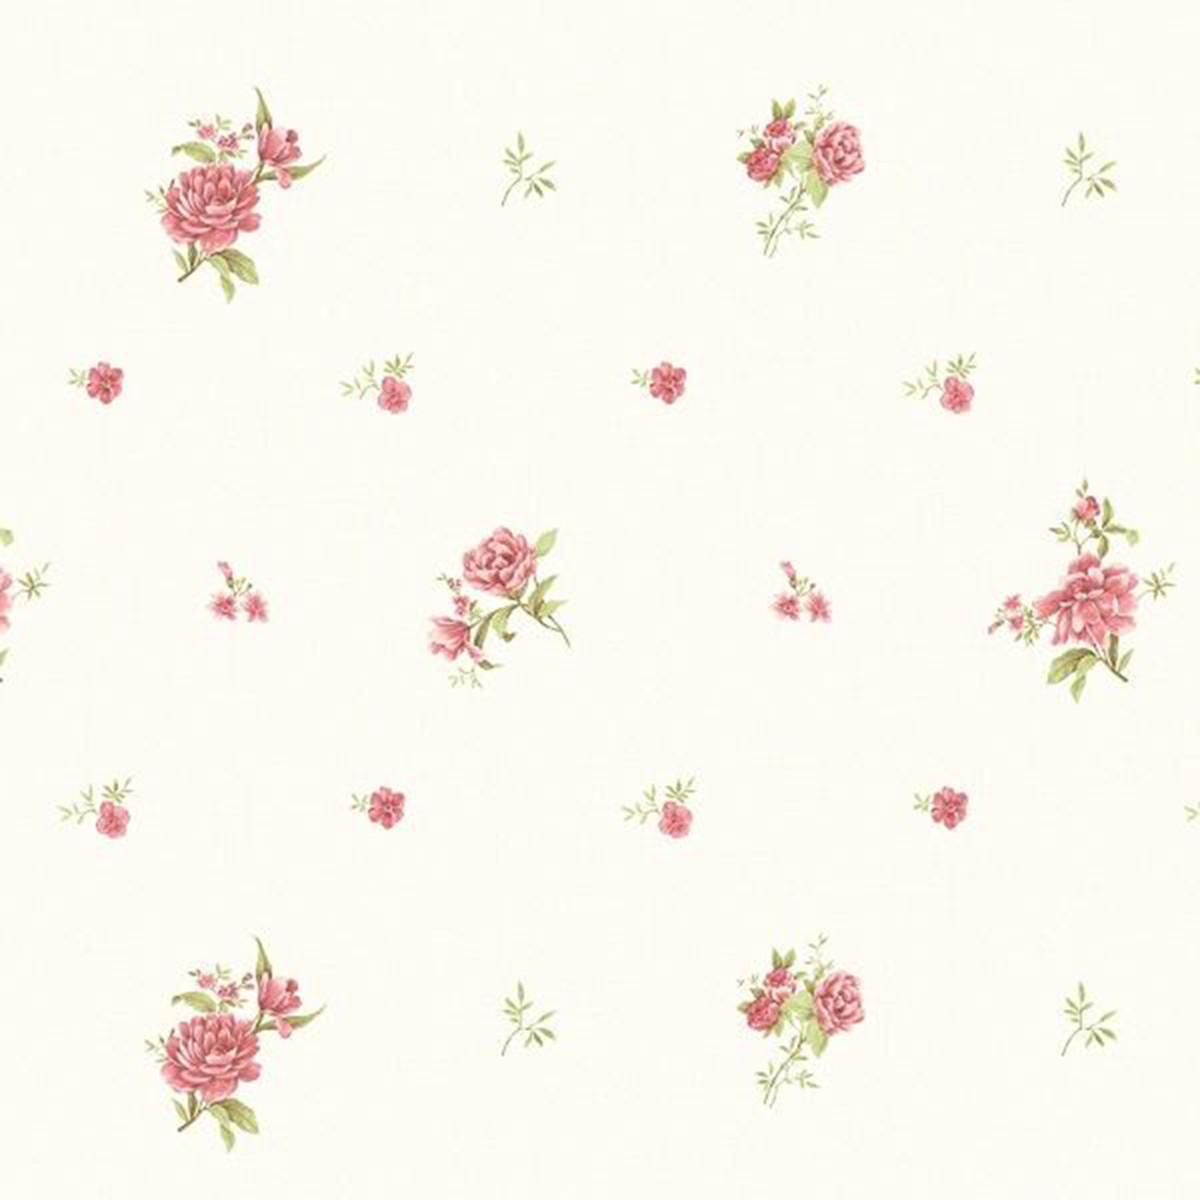 Обои виниловые Gaenari розовые 1.06 м 81133-3